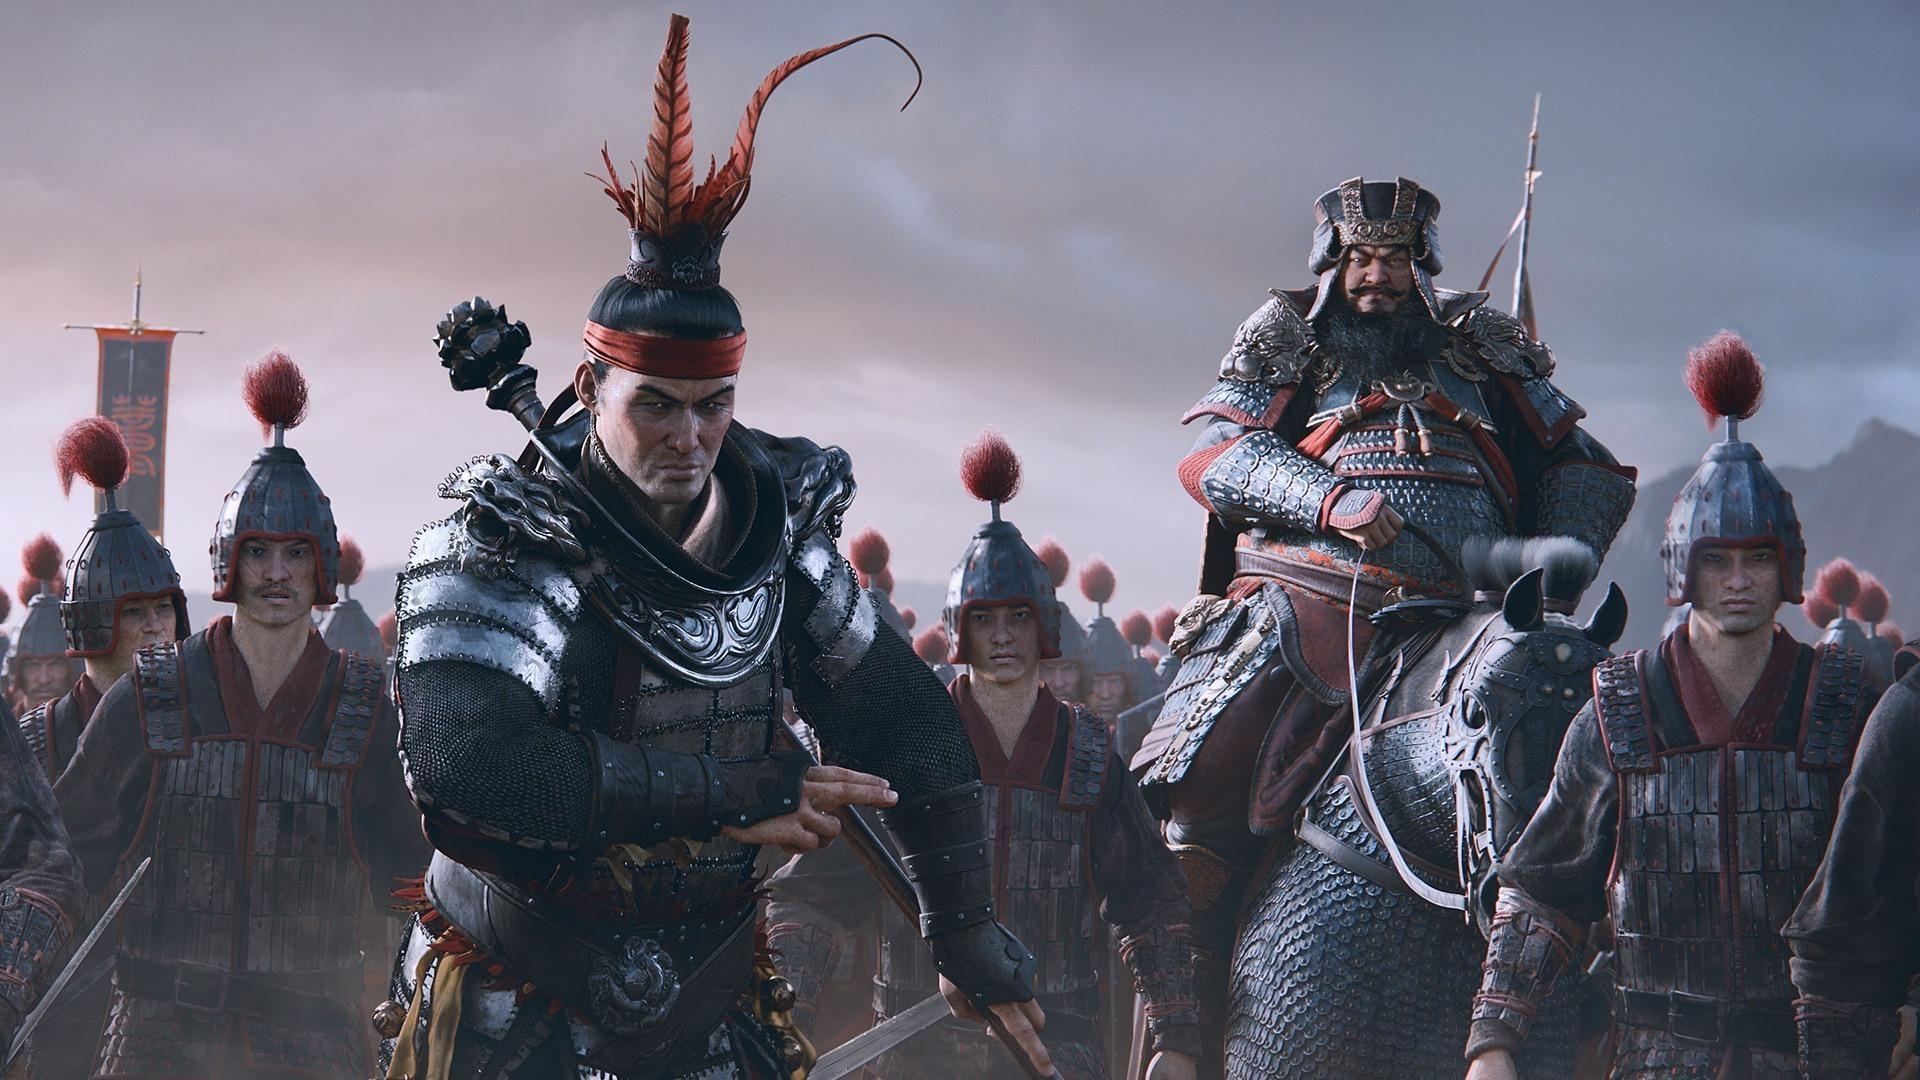 Хакеры смогли обойти защиту Denuvo 6.0 использовавшуюся вигре Total War: Three Kingdoms